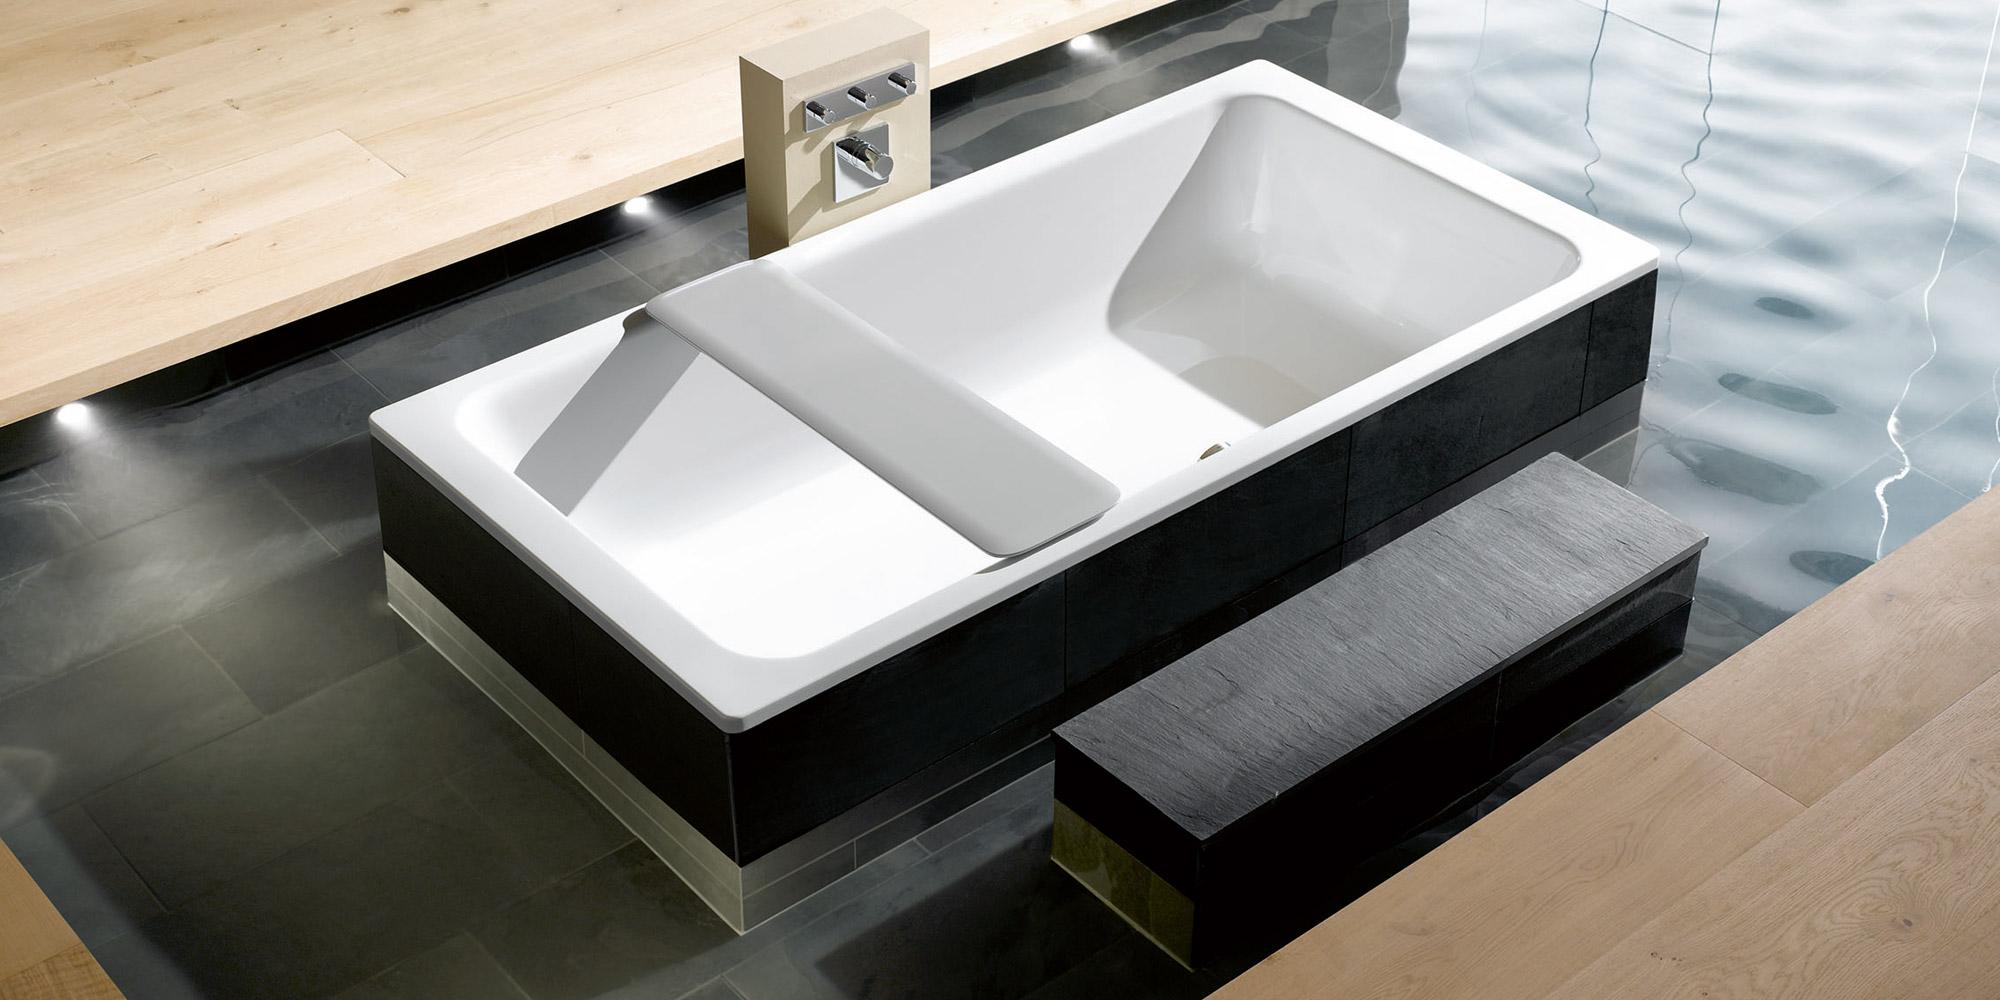 hochwertige und professionelle badmodernisierung. Black Bedroom Furniture Sets. Home Design Ideas